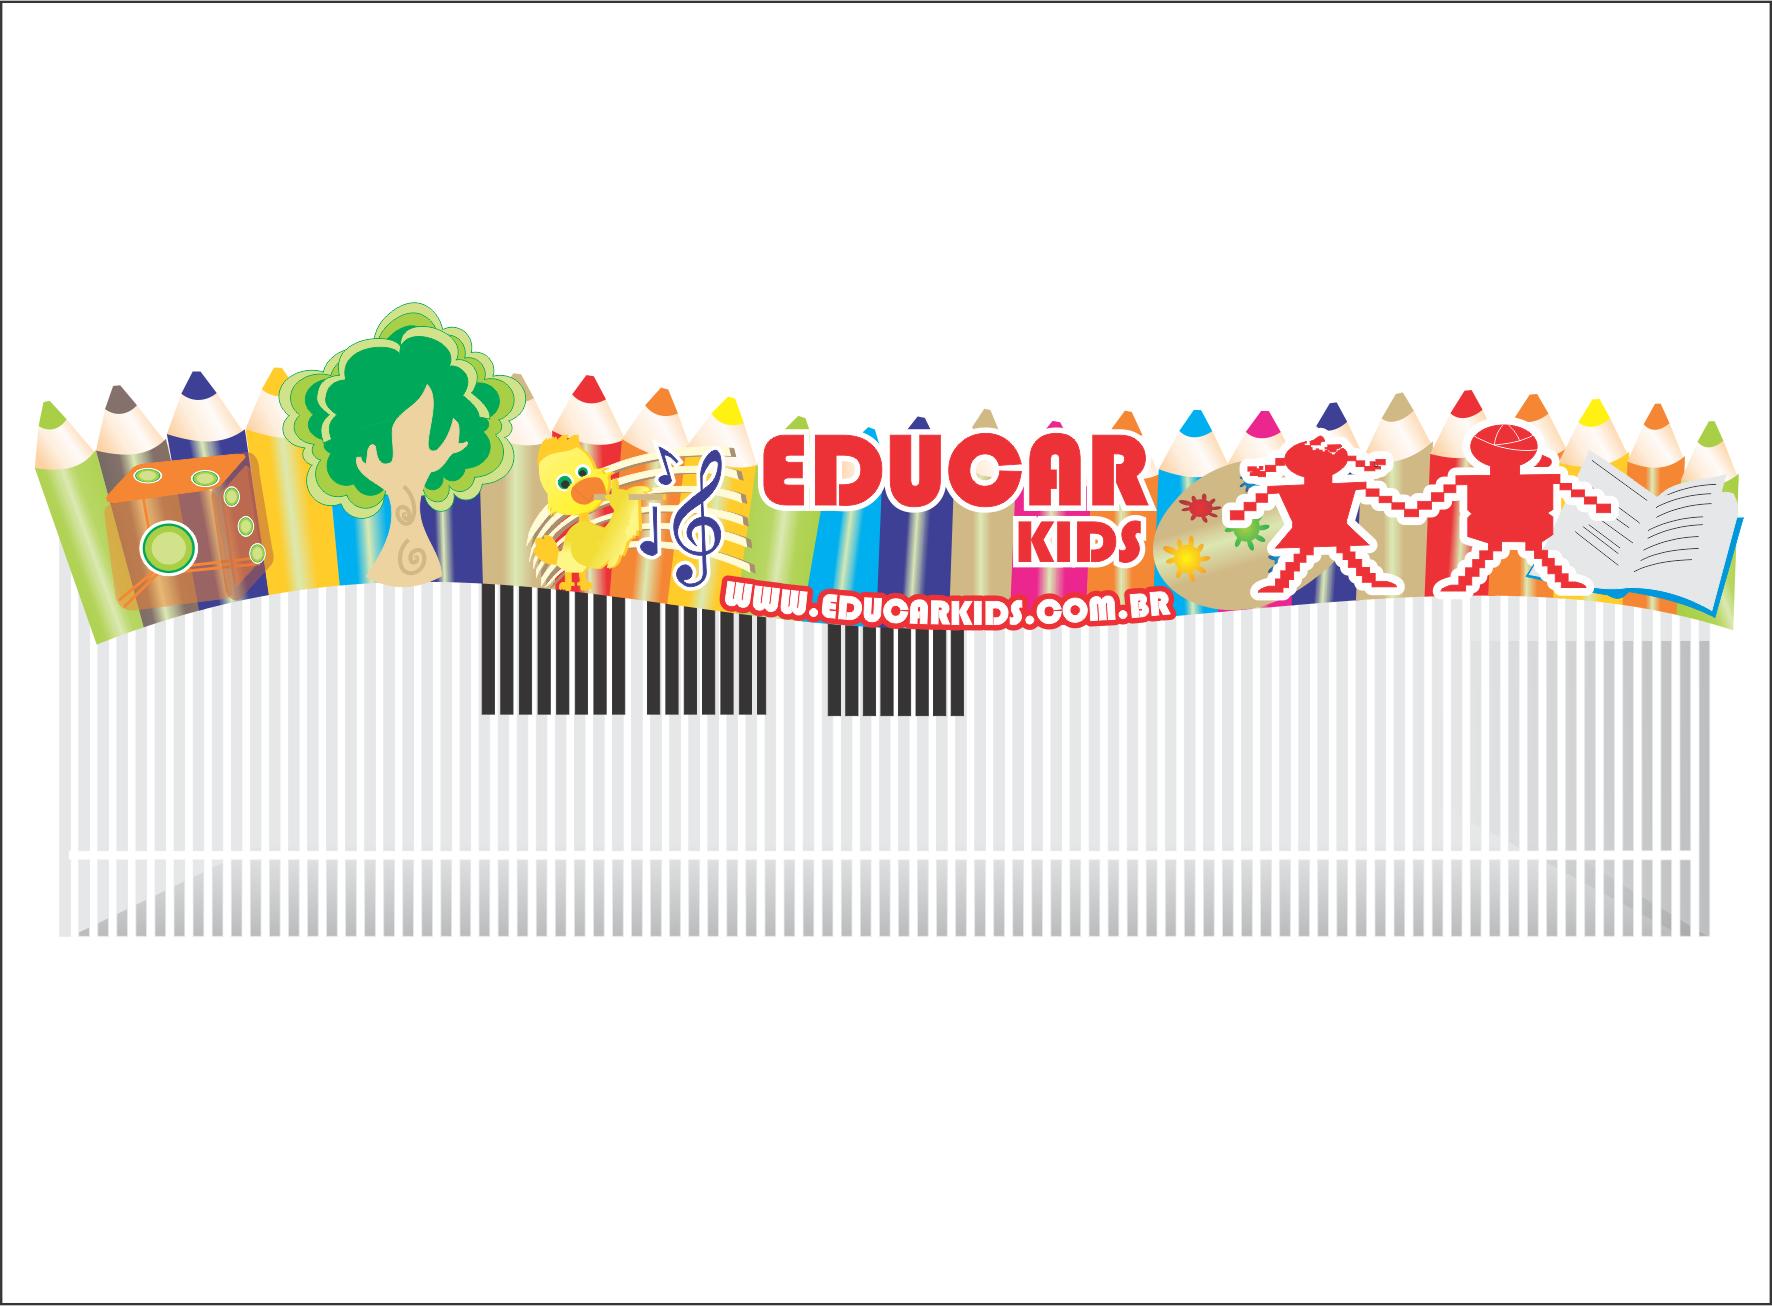 Educar Kids Berçario e Educação Infantil